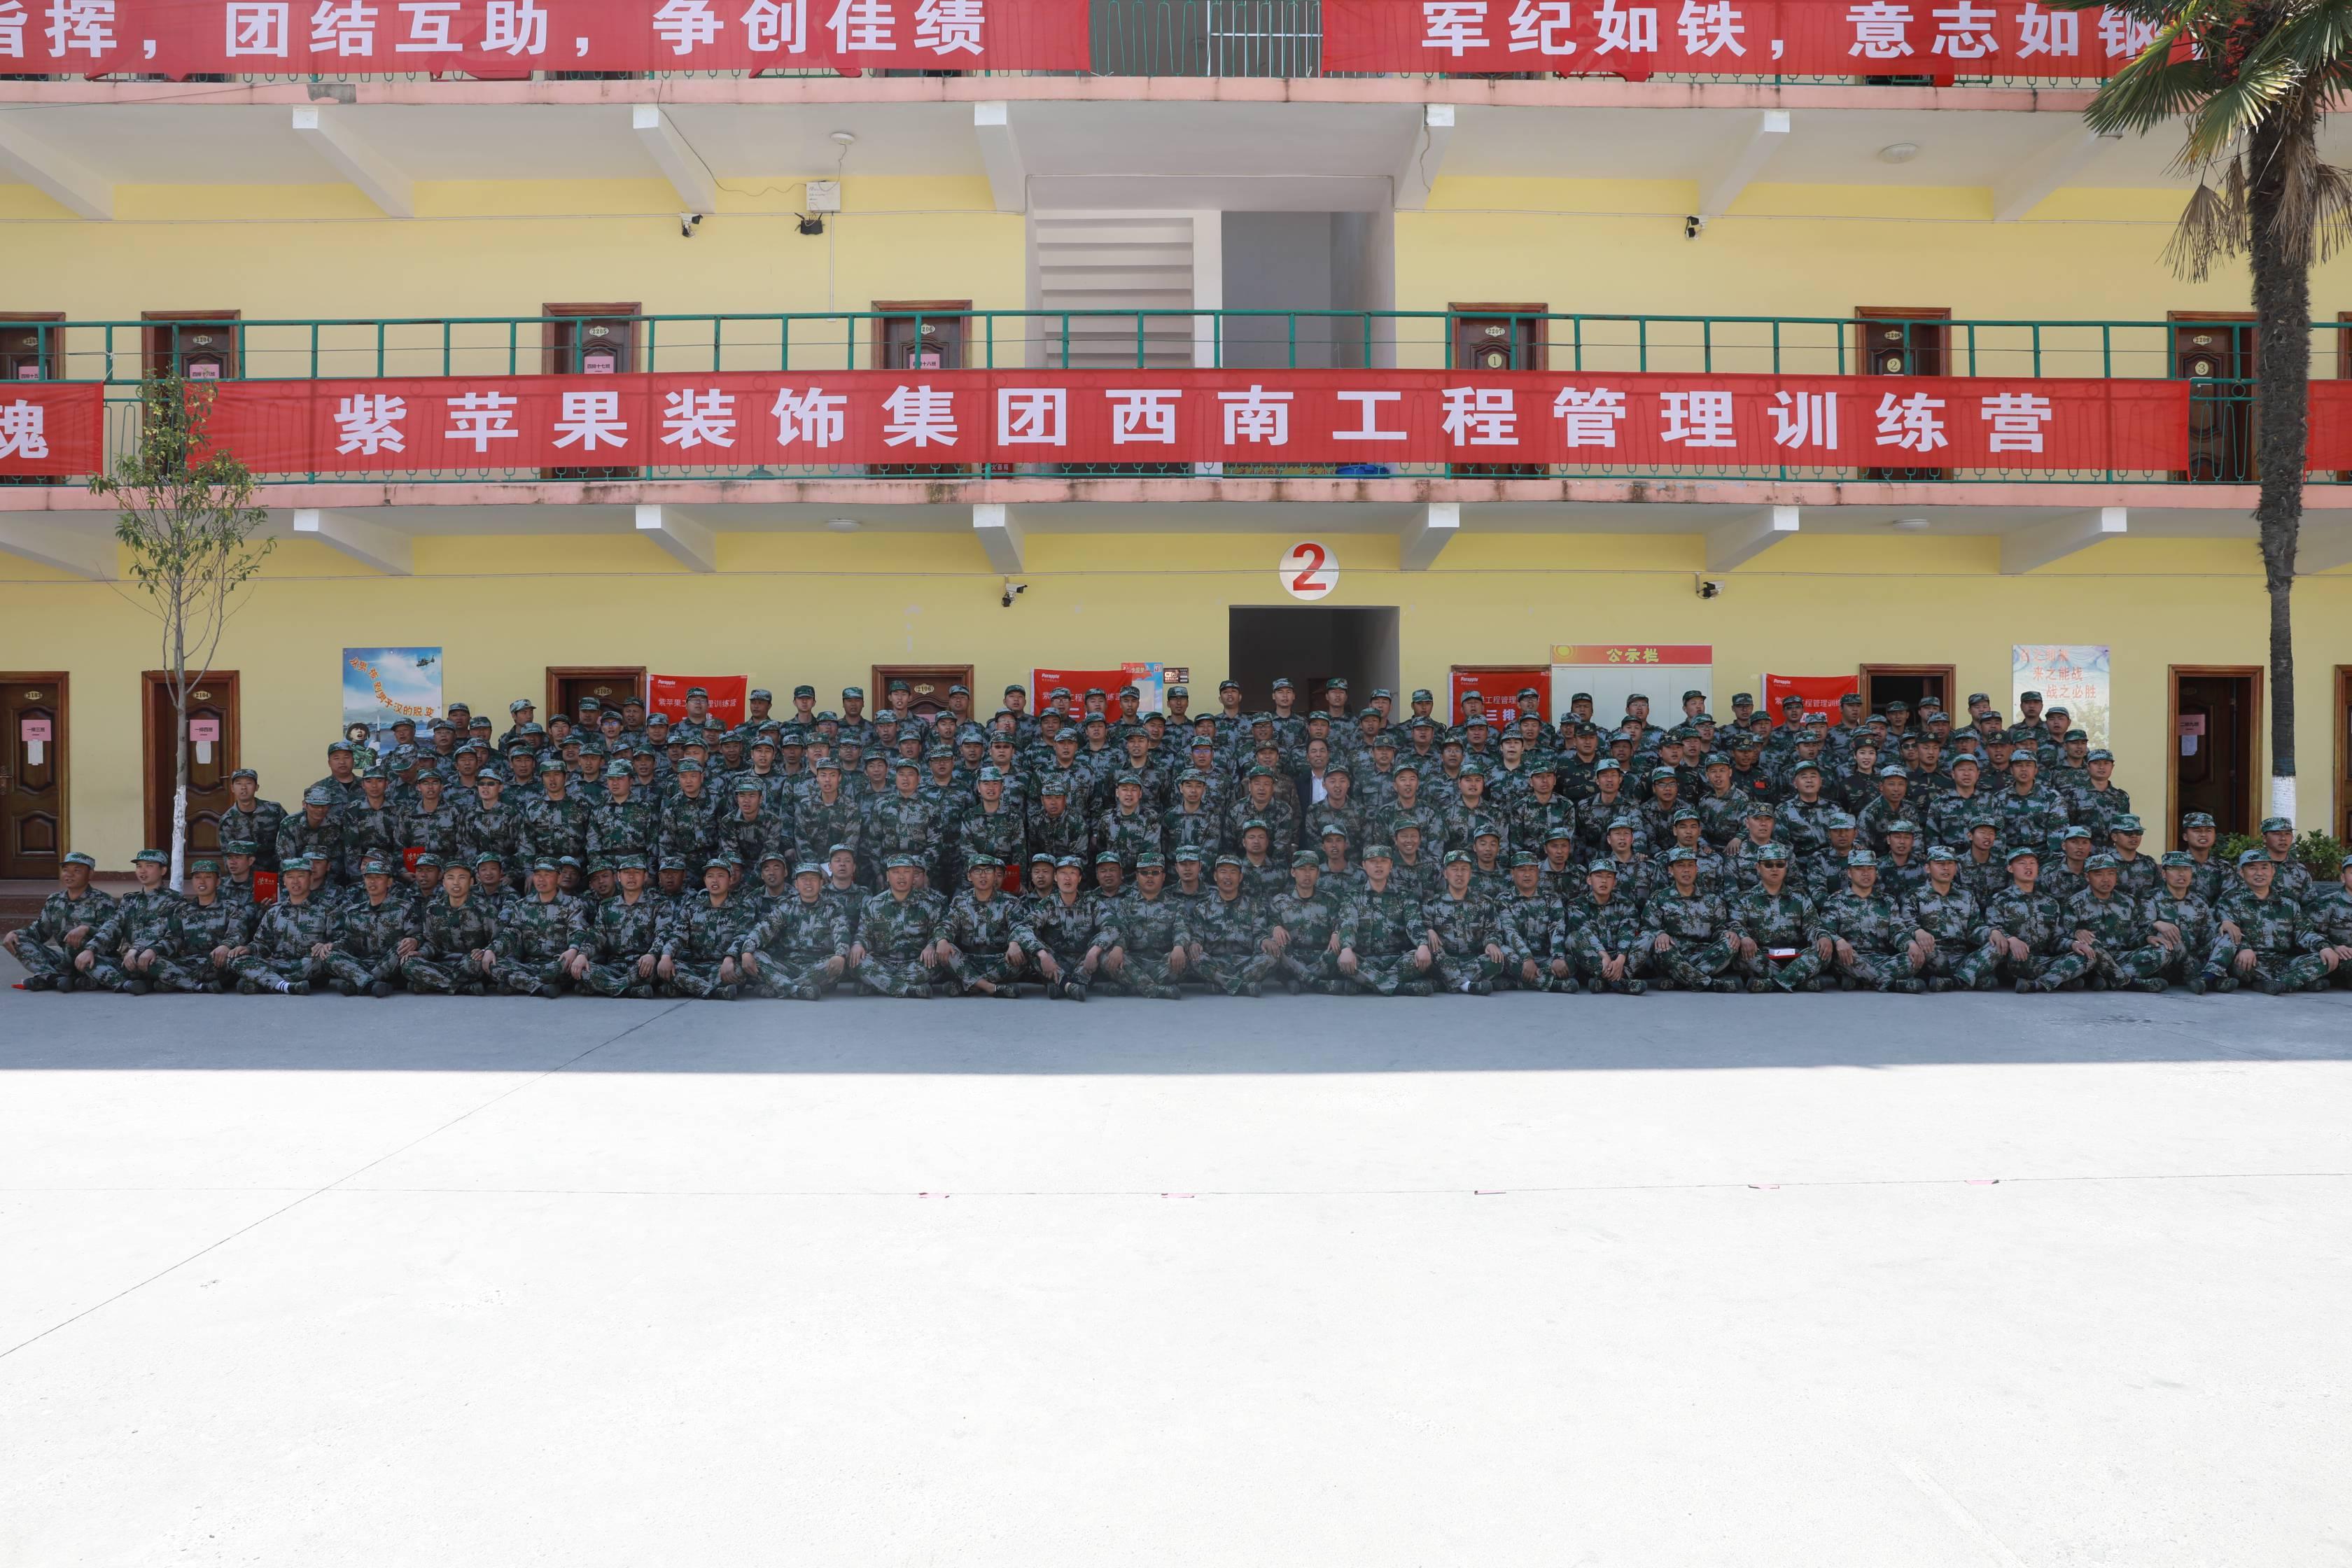 紫蘋果裝飾集團西南工程管理訓練營